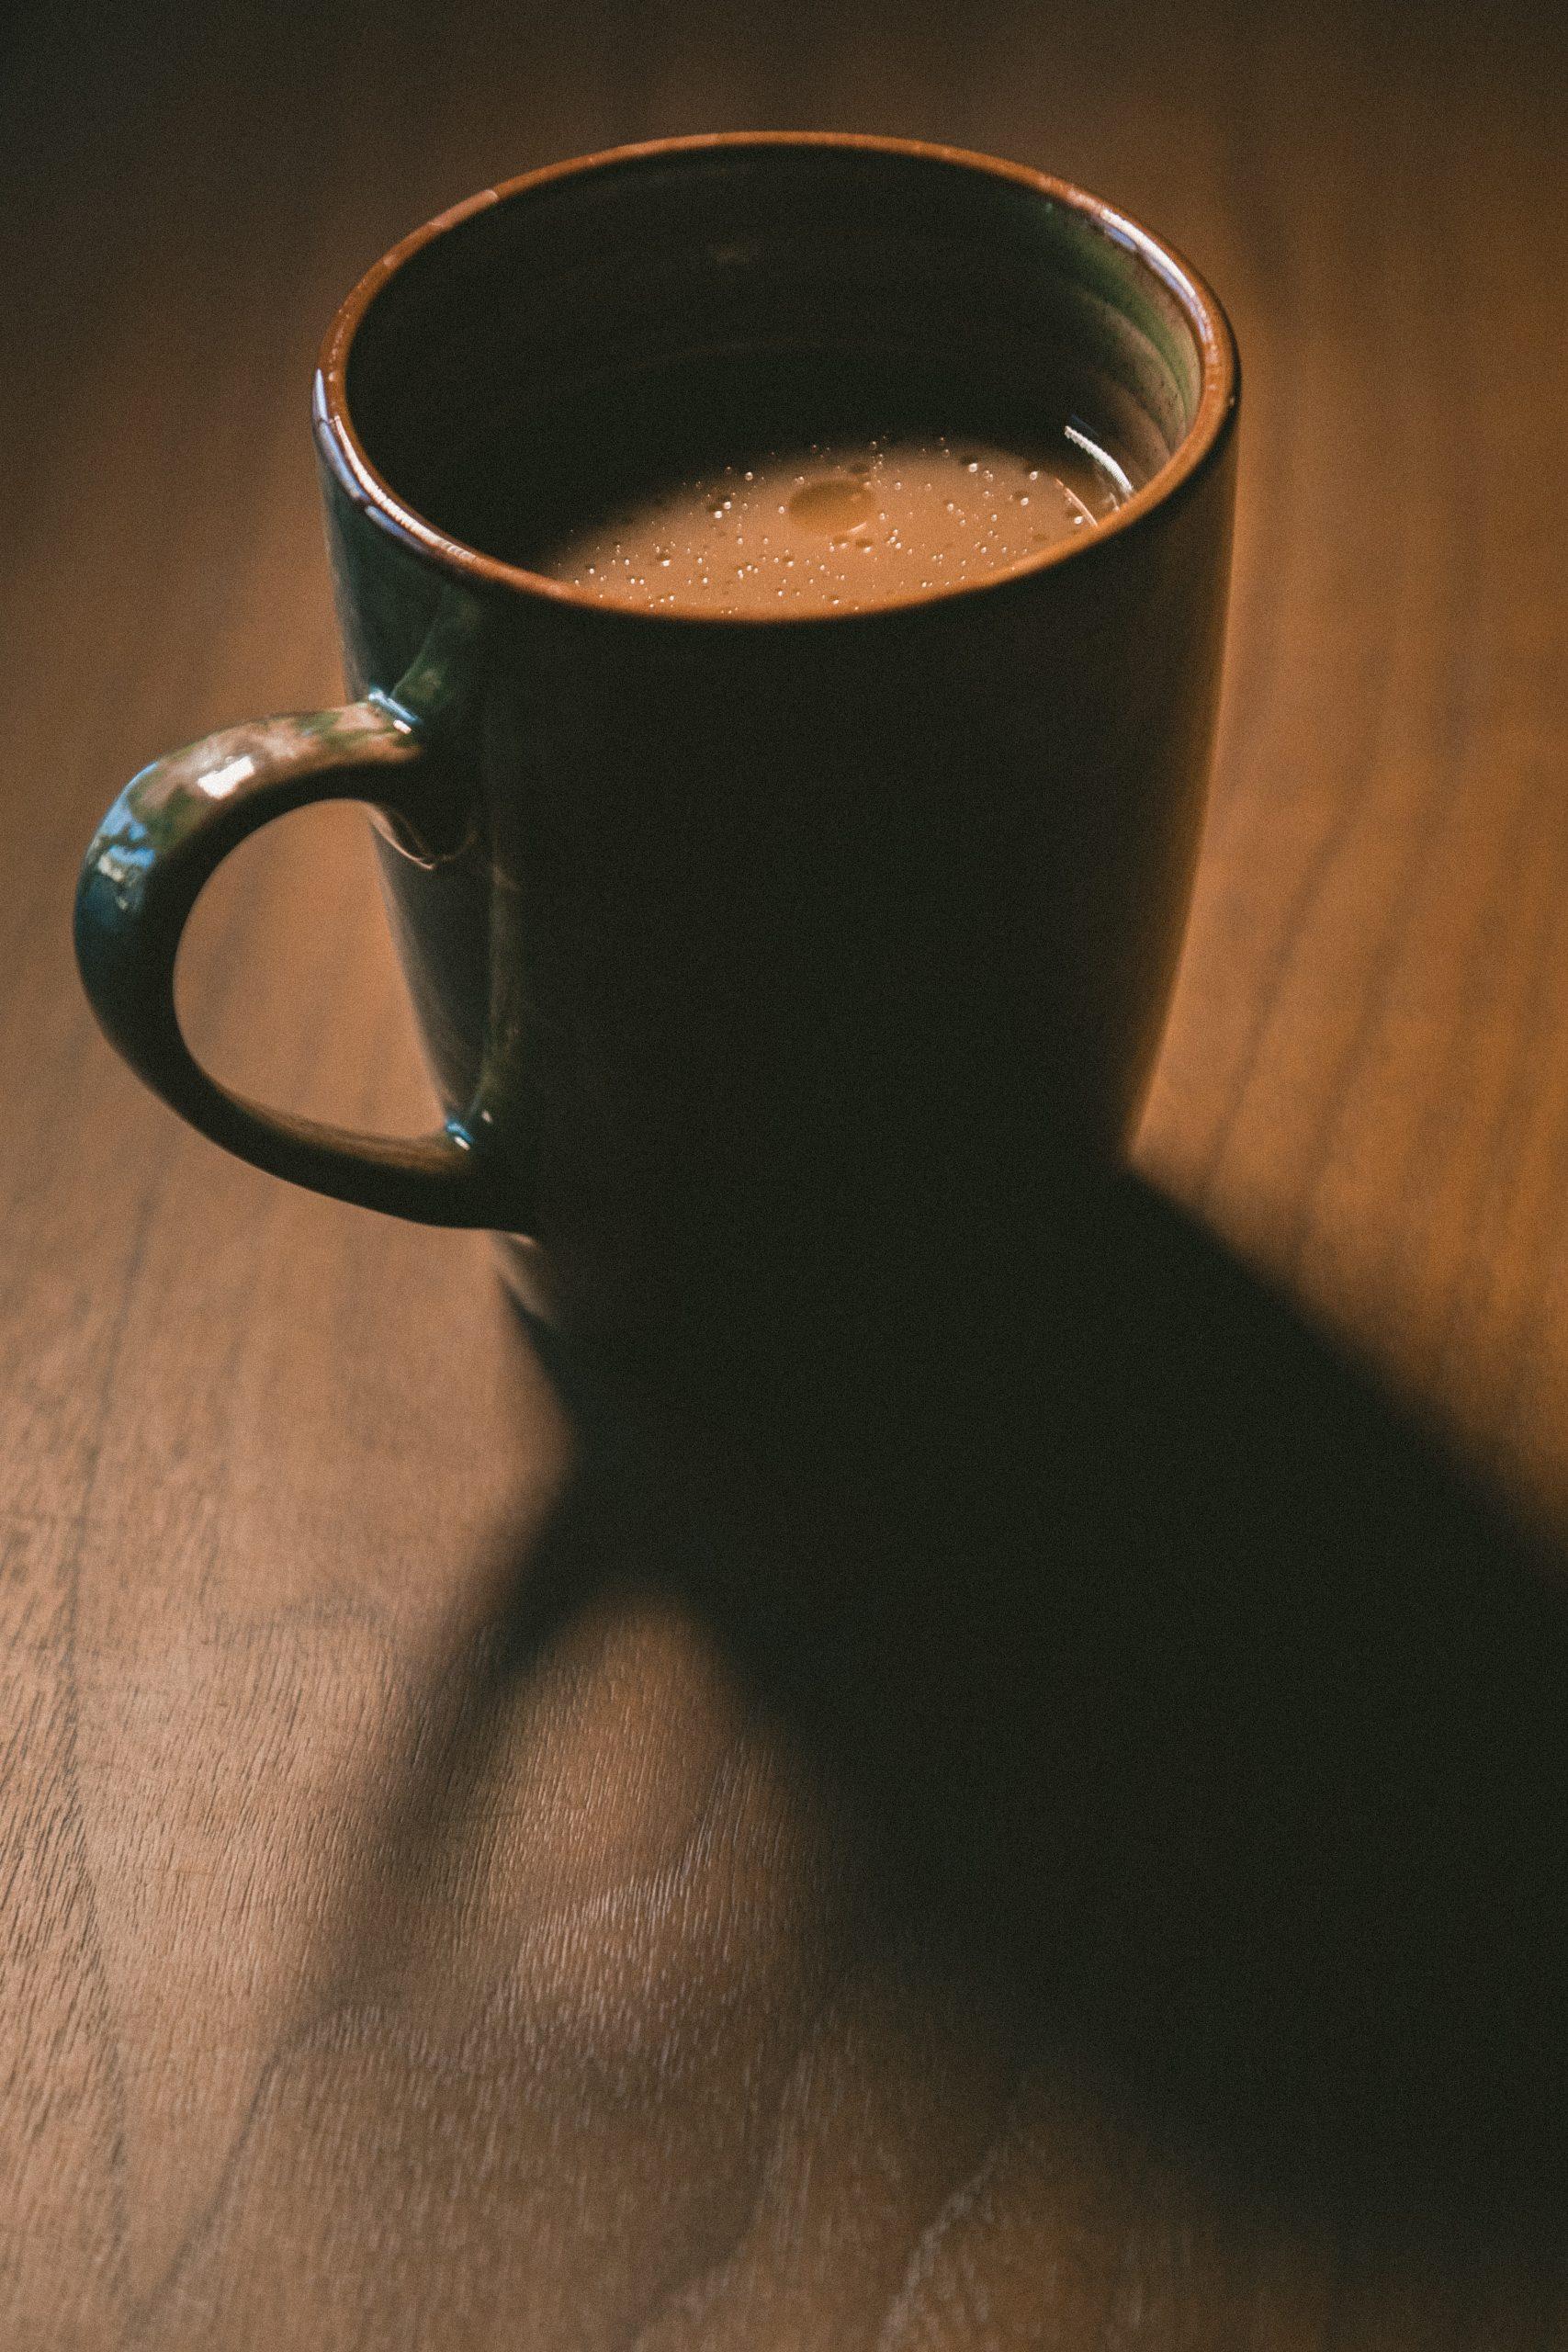 中國十大名茶之一 中國鳳凰水仙茶 買茶葉最推薦「無可挑Tea」